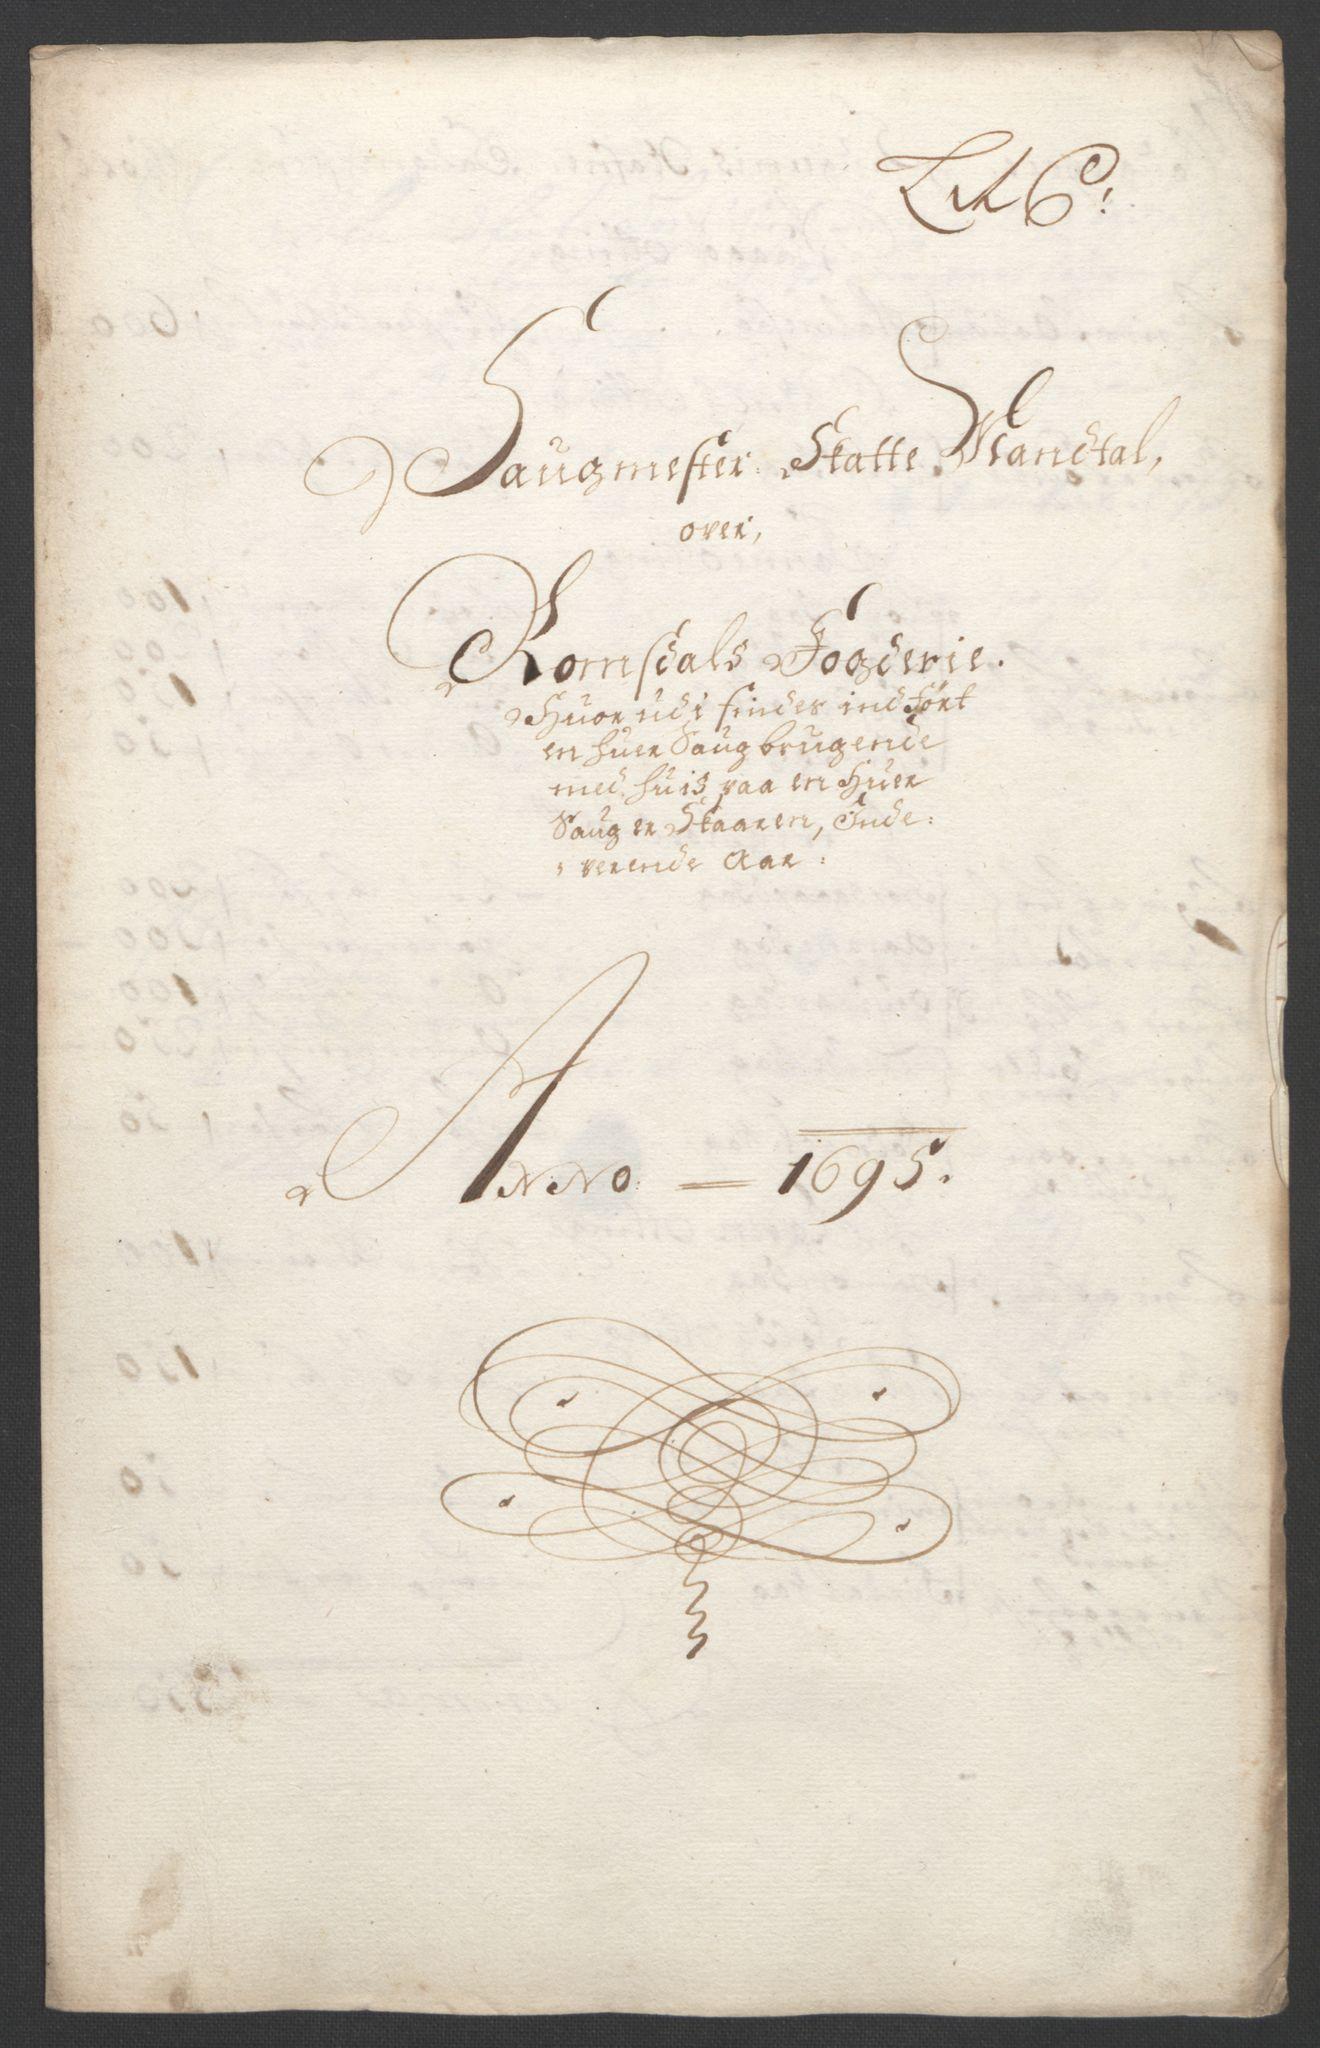 RA, Rentekammeret inntil 1814, Reviderte regnskaper, Fogderegnskap, R55/L3652: Fogderegnskap Romsdal, 1695-1696, s. 69